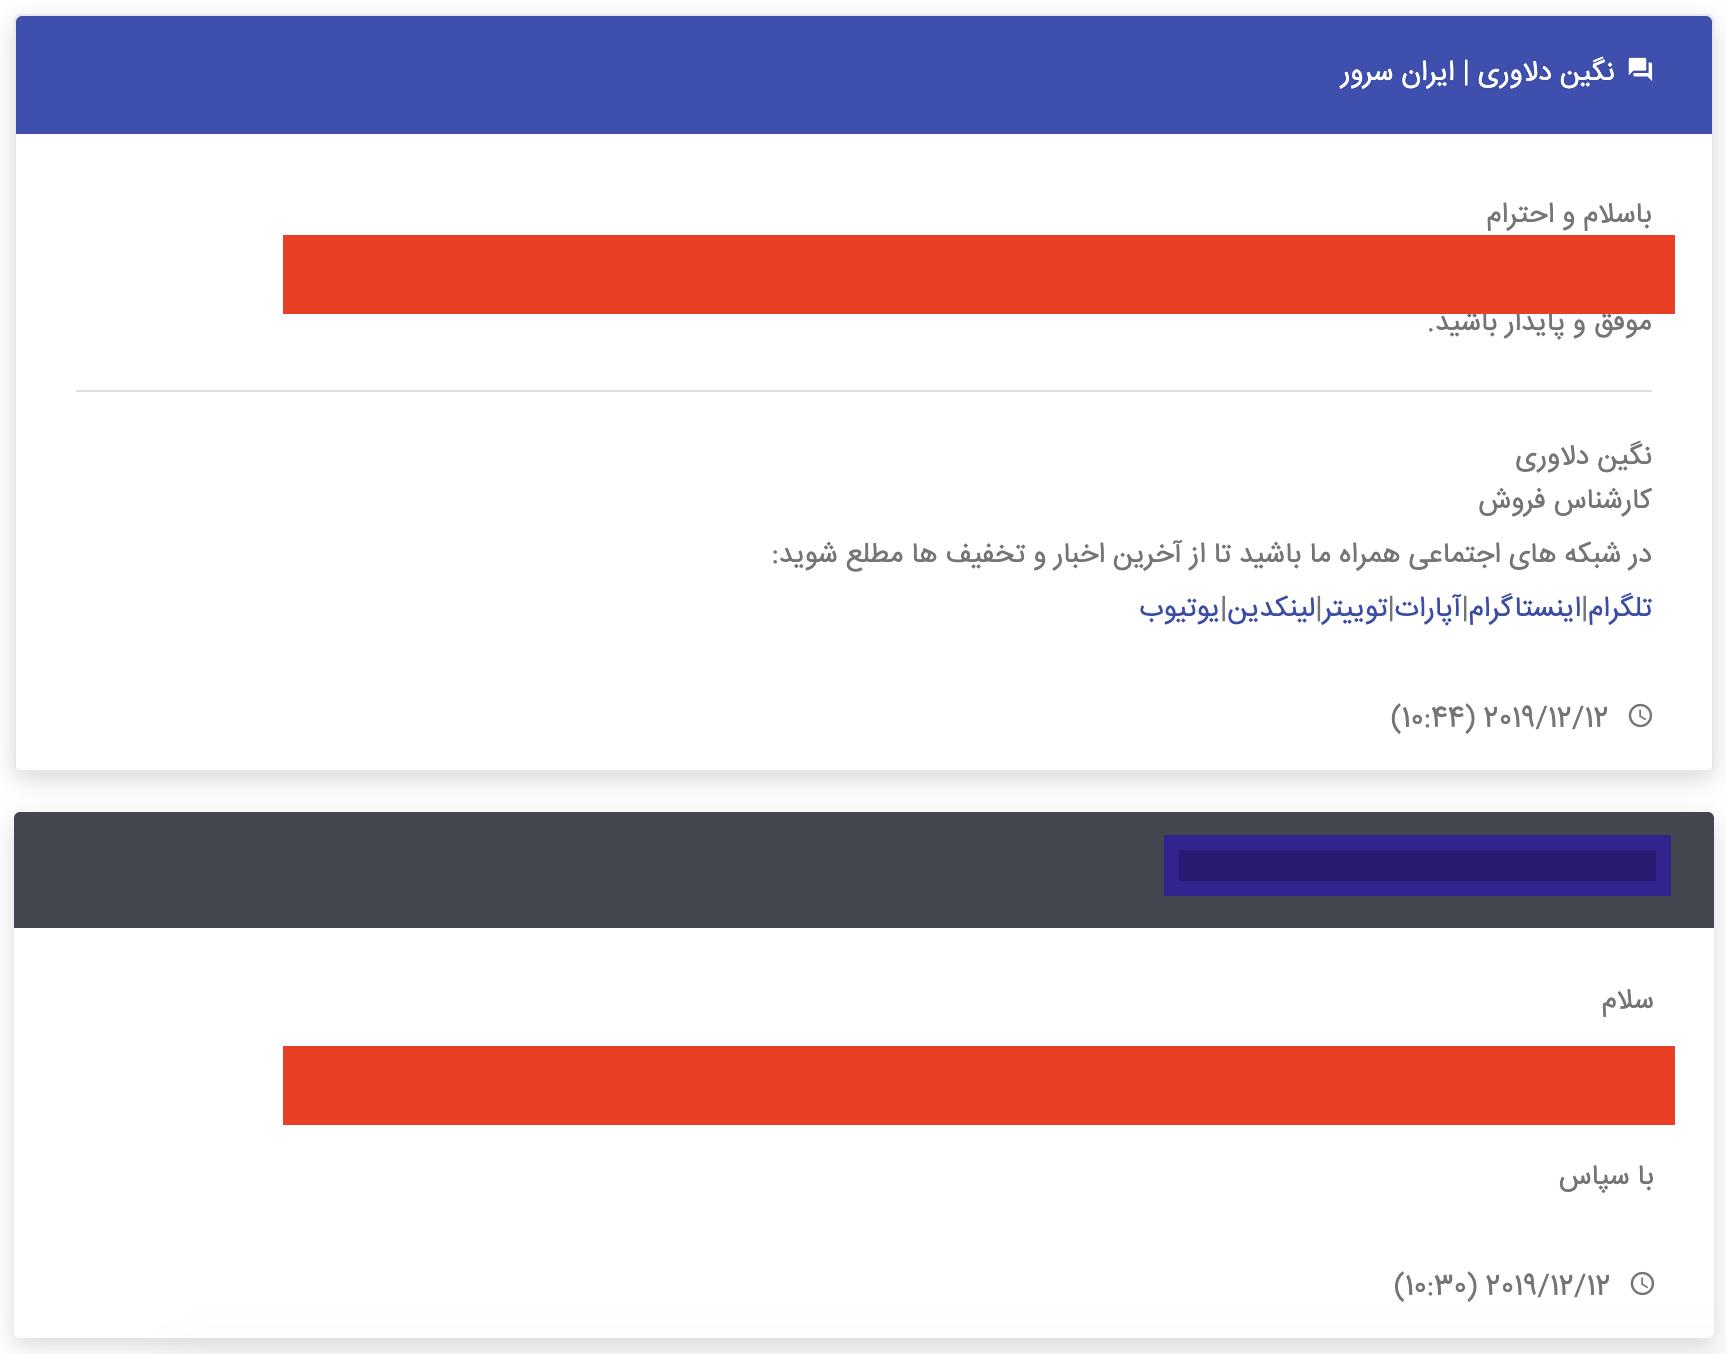 پشتیبانی ایران سرور